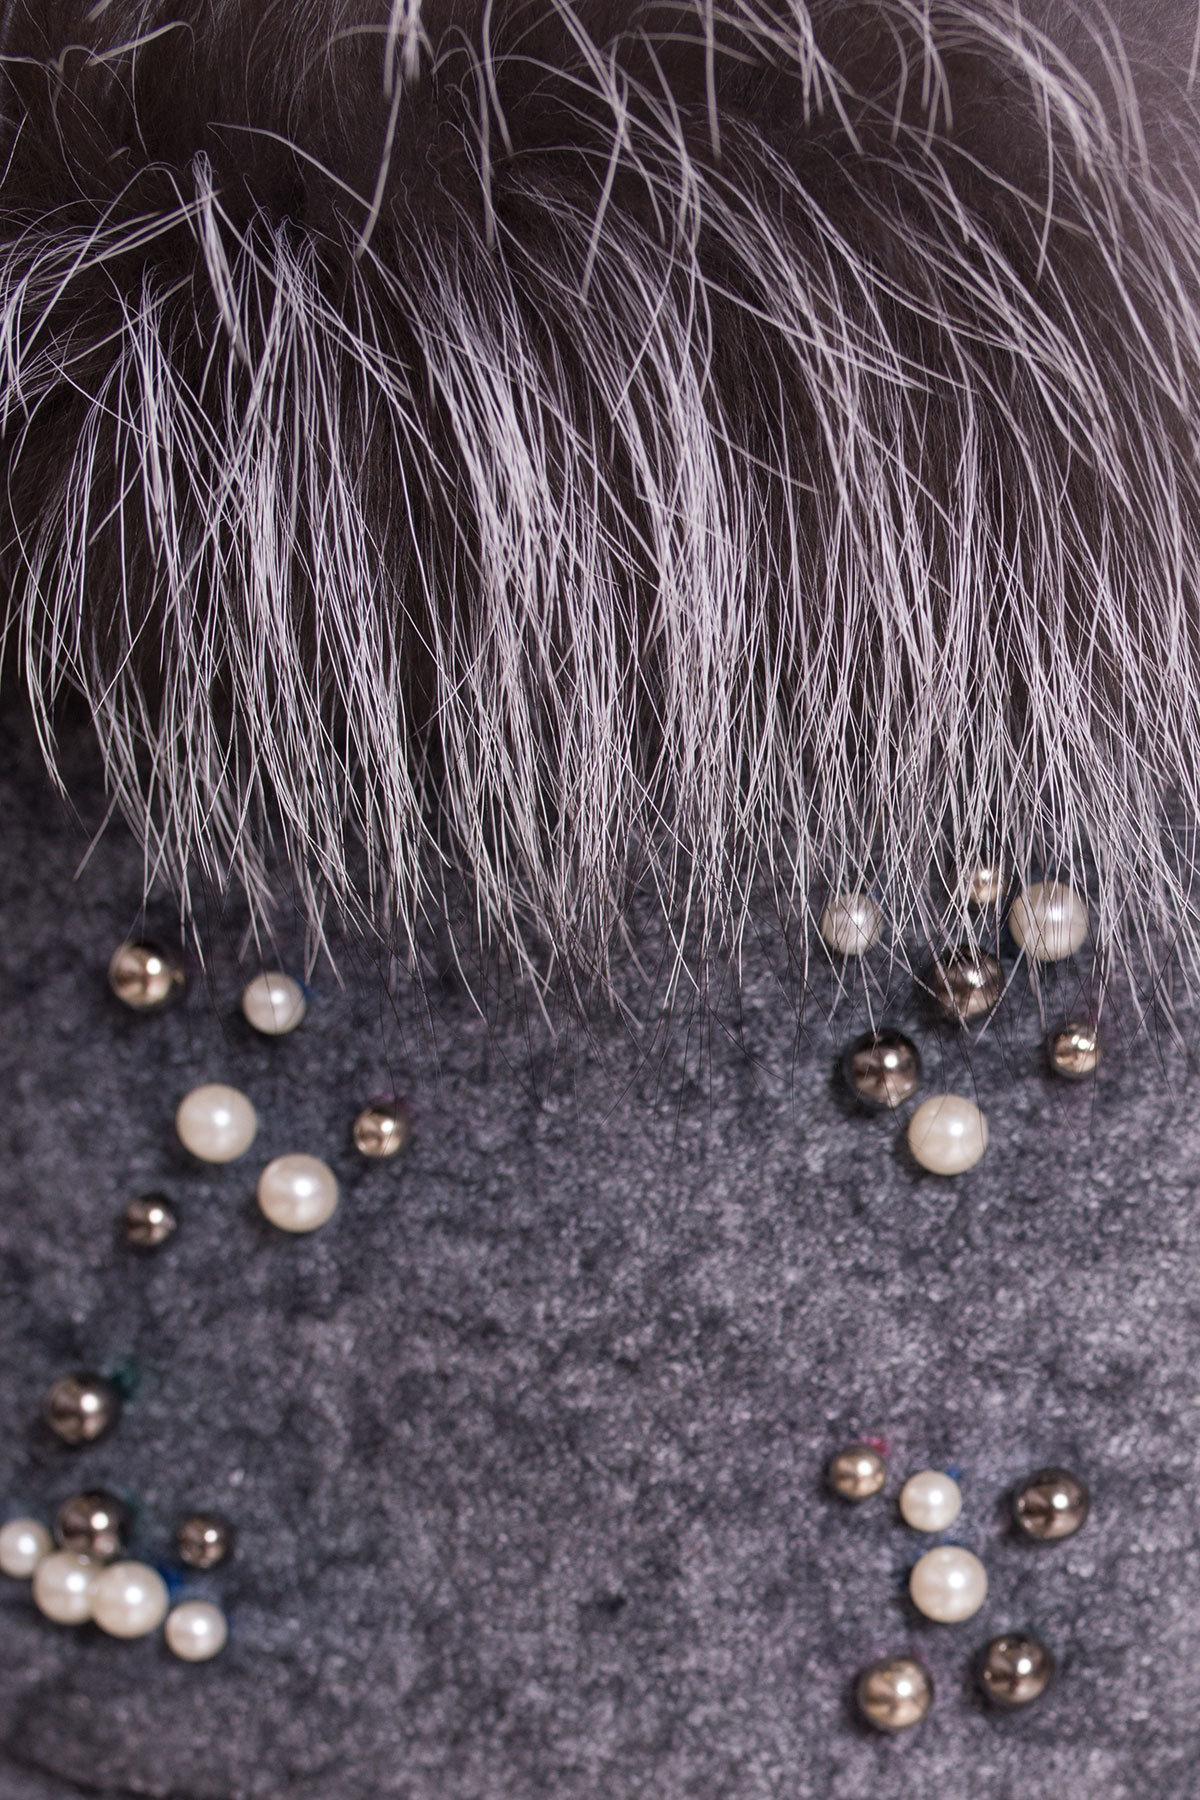 Пальто детское Норма 5286 АРТ. 36527 Цвет: Серый Темный LW-5 - фото 6, интернет магазин tm-modus.ru